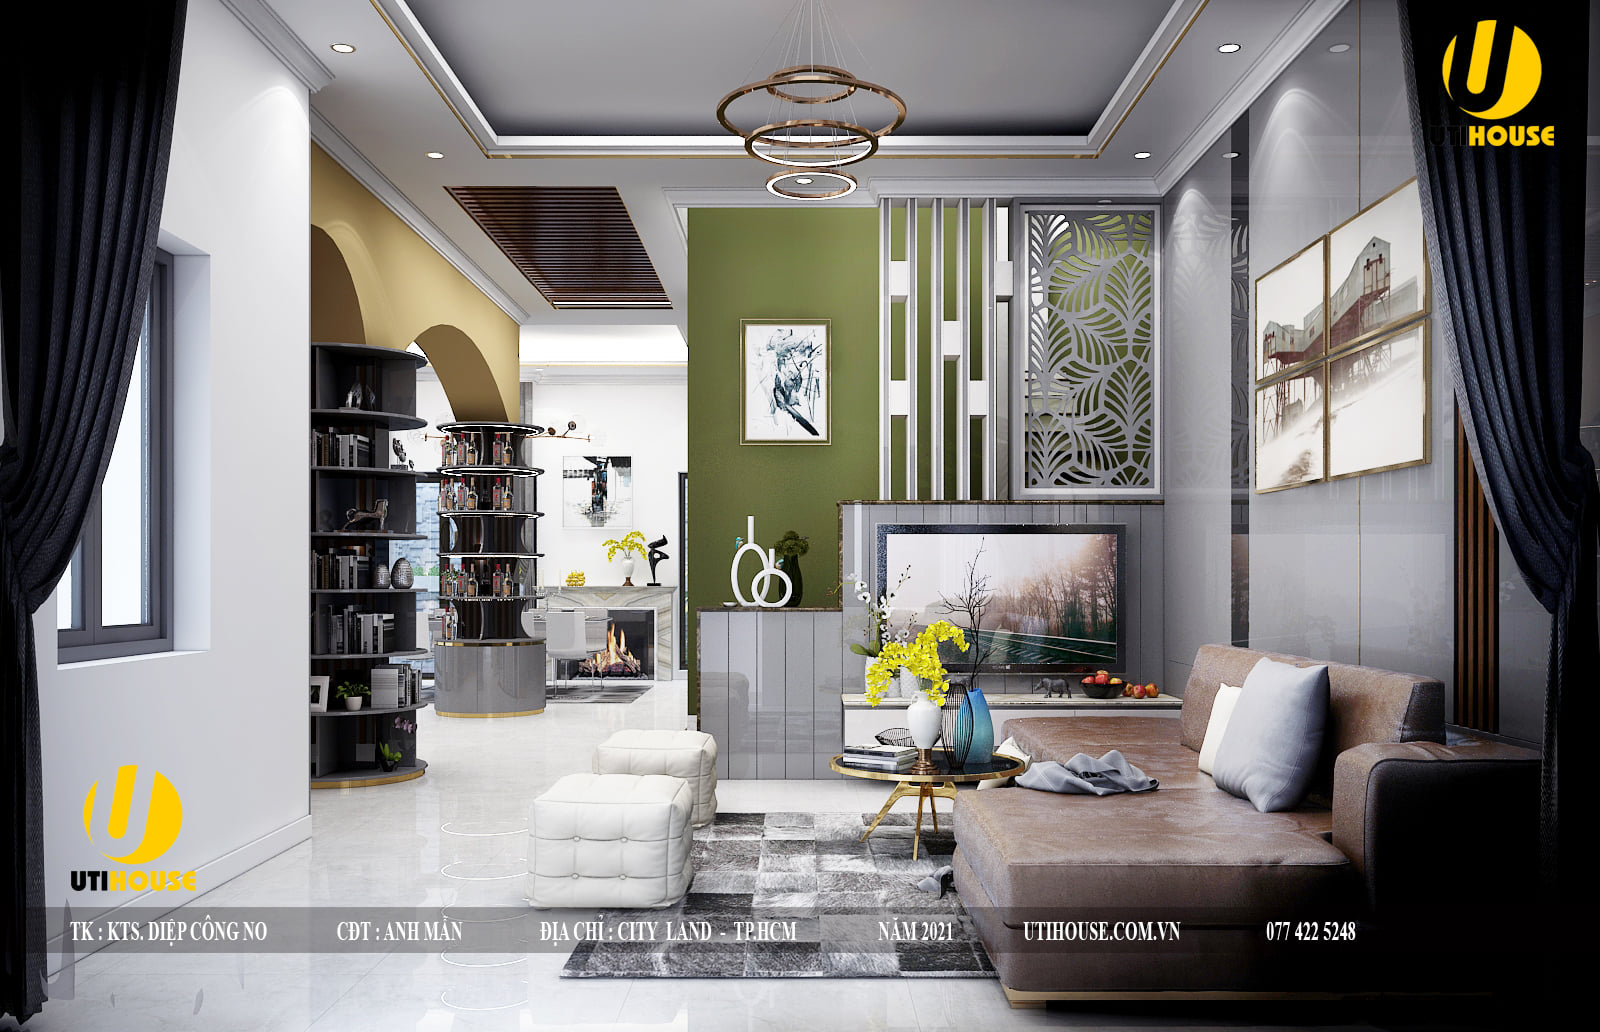 Một số cách thiết kế nội thất cho nhà ở trở nên hiện đại và sang trọng